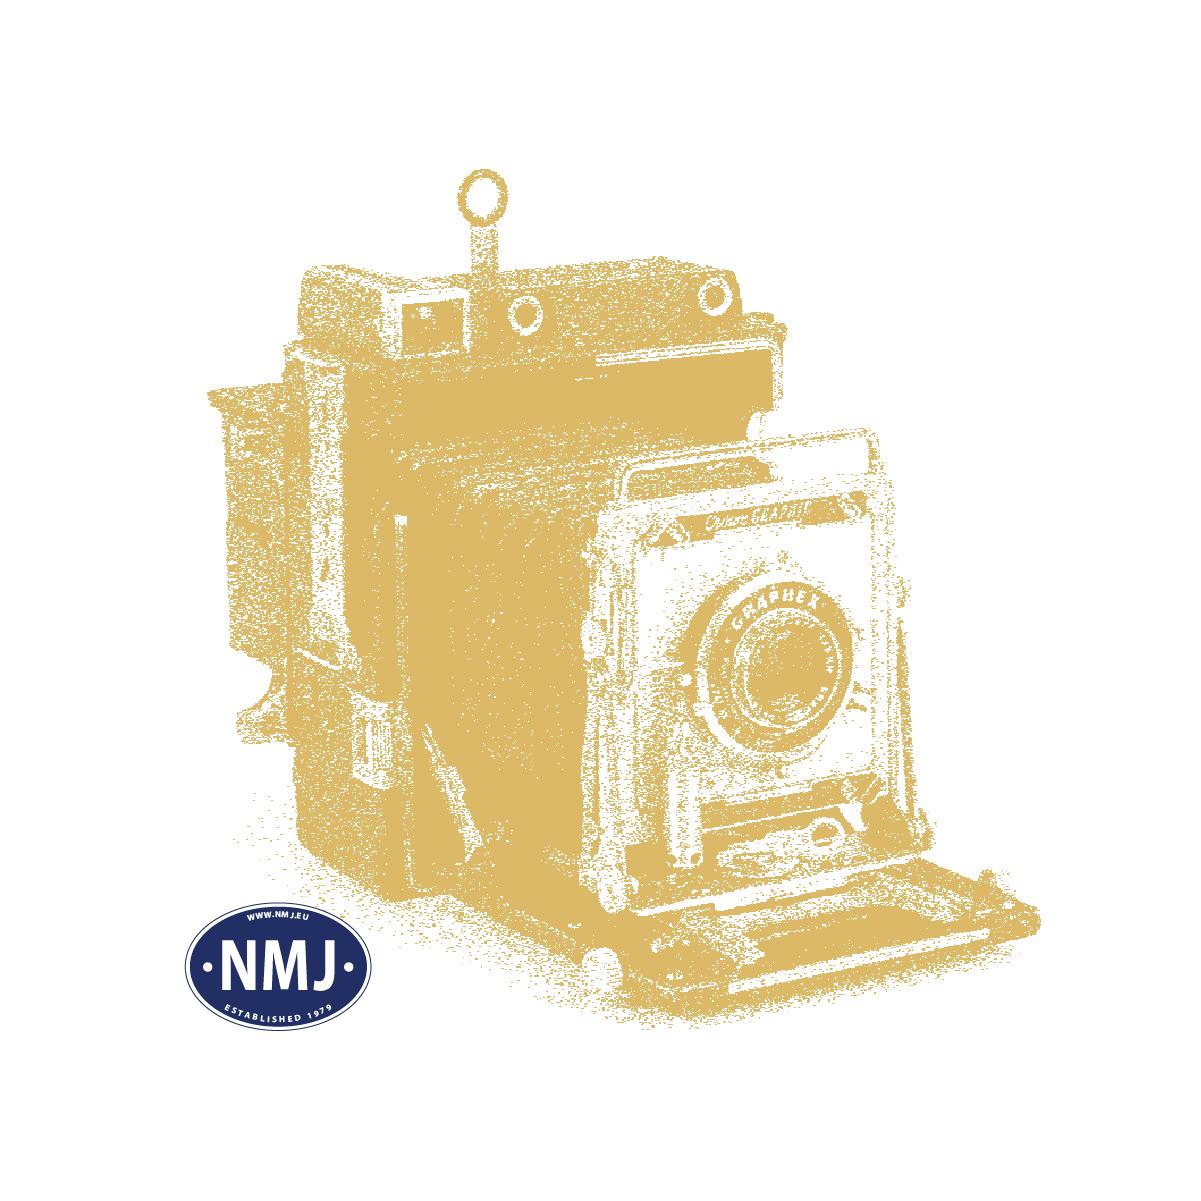 NMJT609.502 - NMJ Topline TGOJ Gre 11006